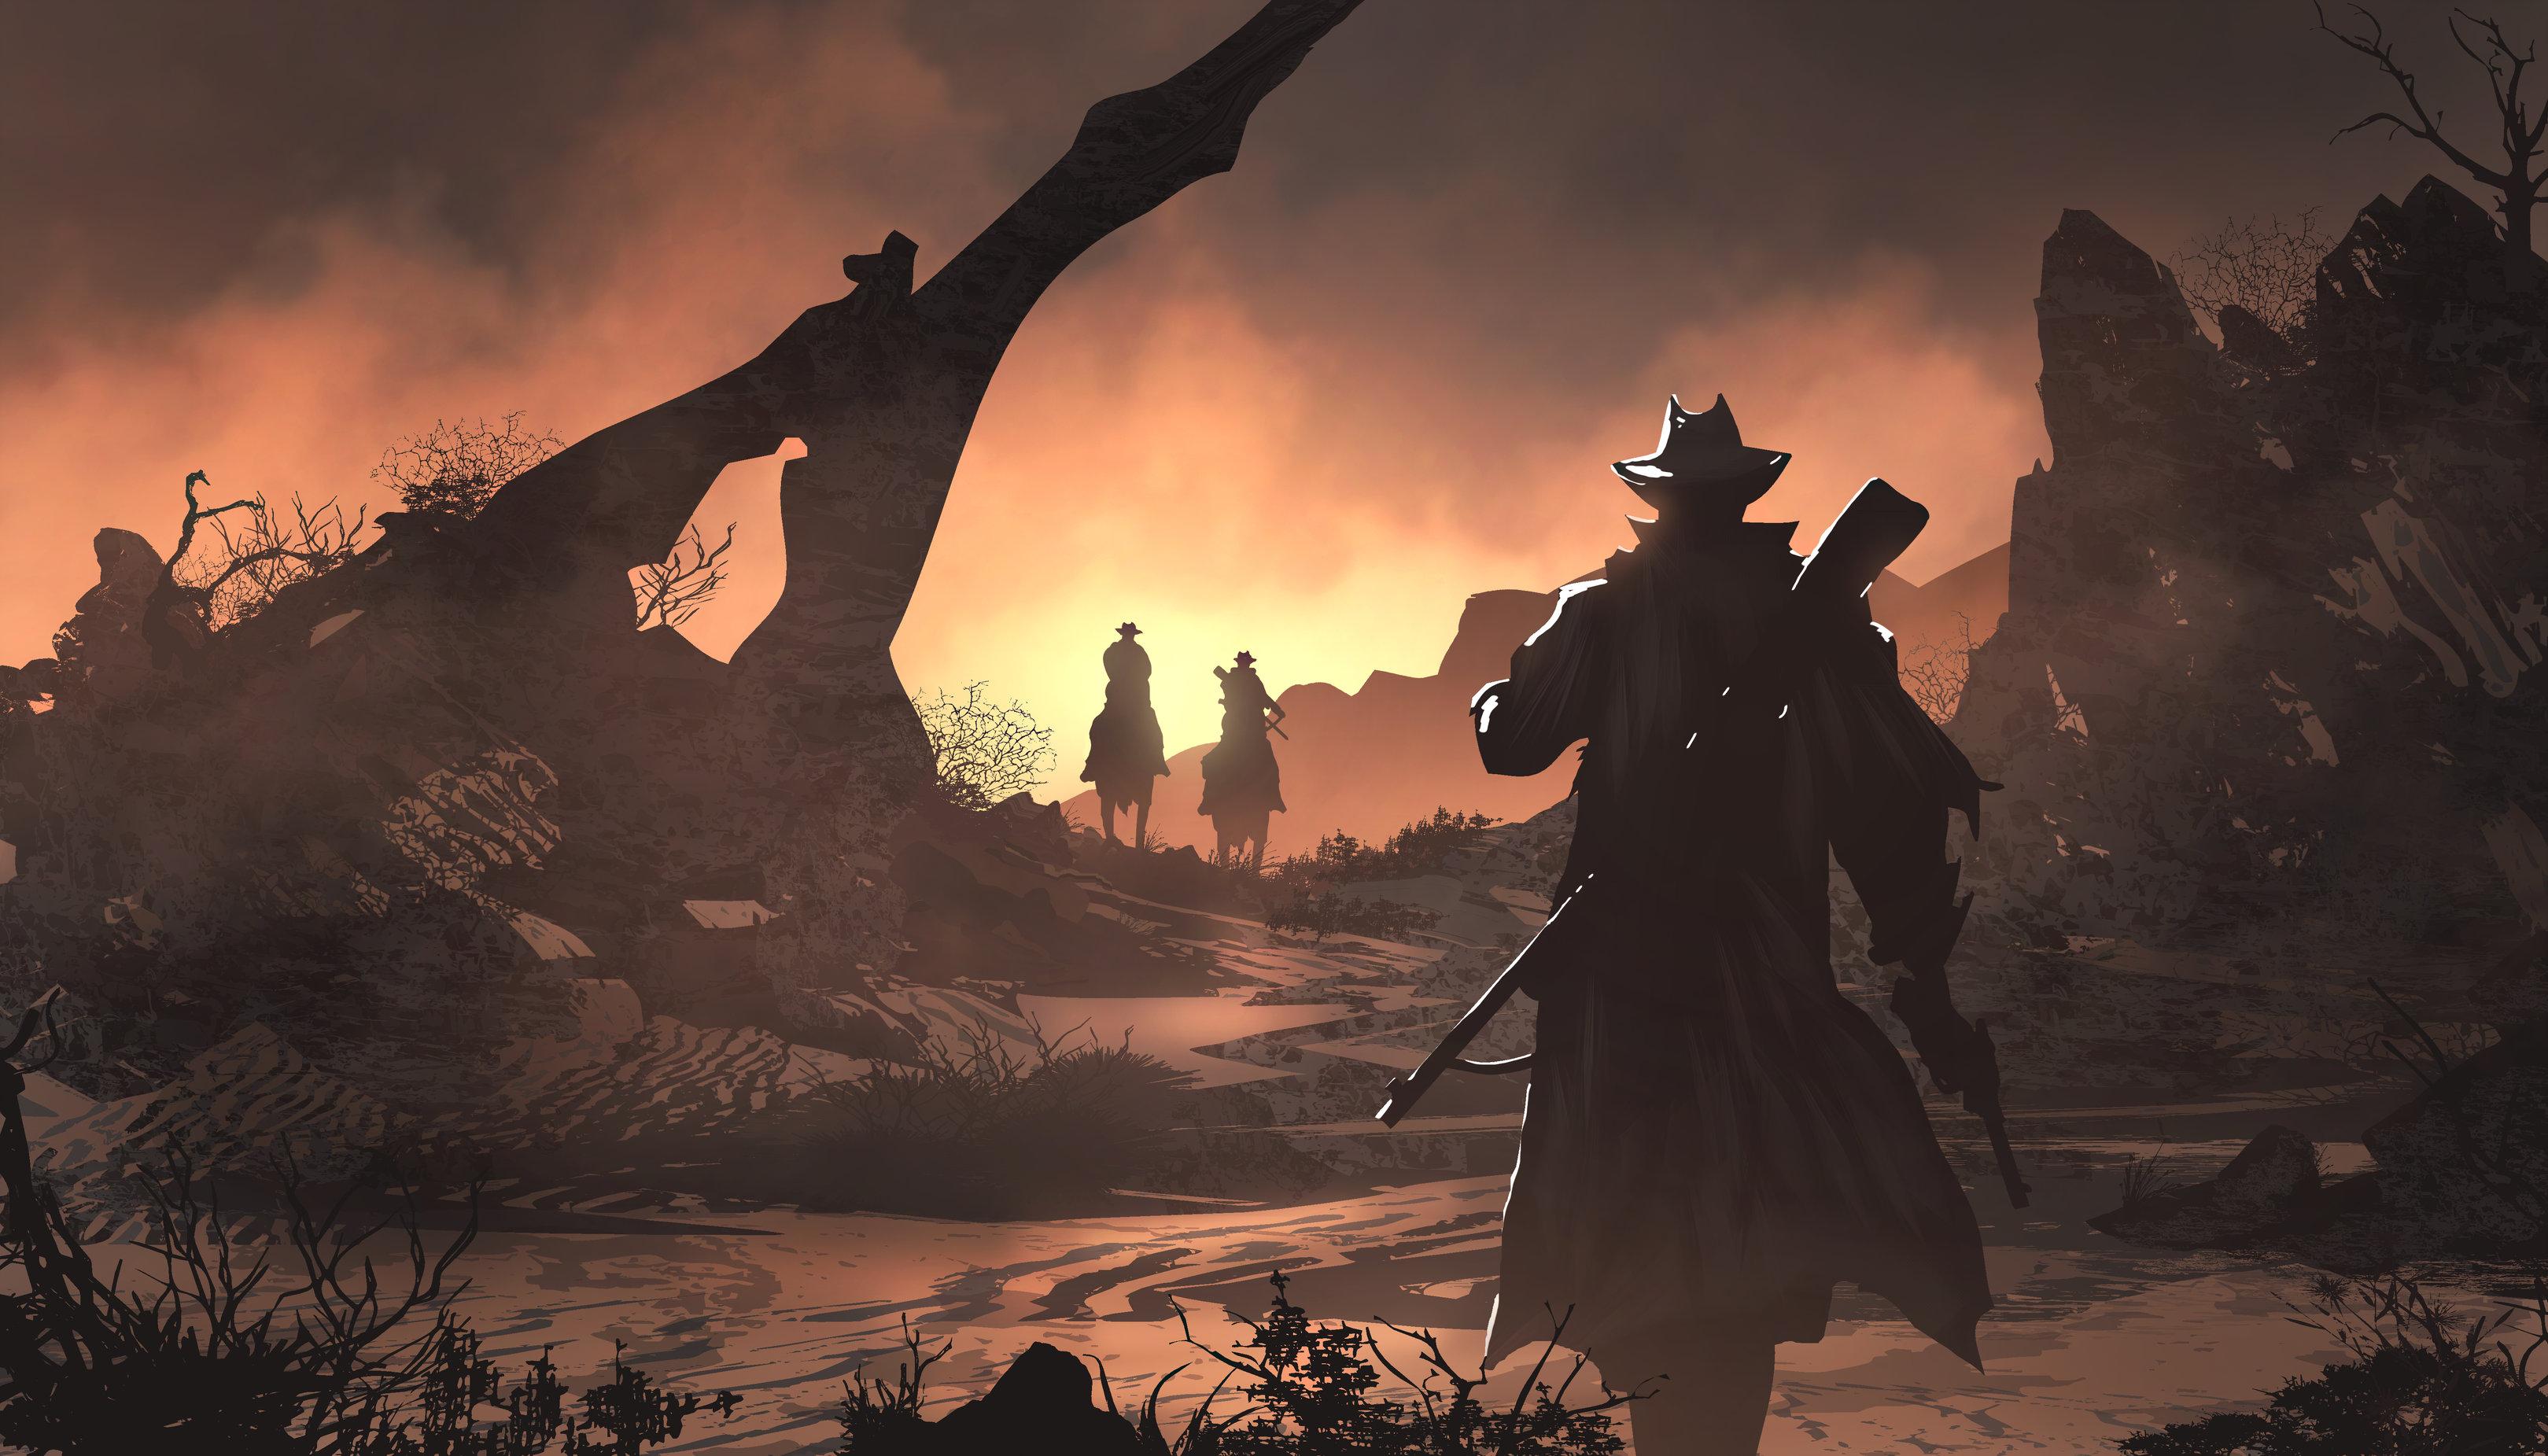 Red Dead Redemption 2 Fan Art 4k, HD Games, 4k Wallpapers ...